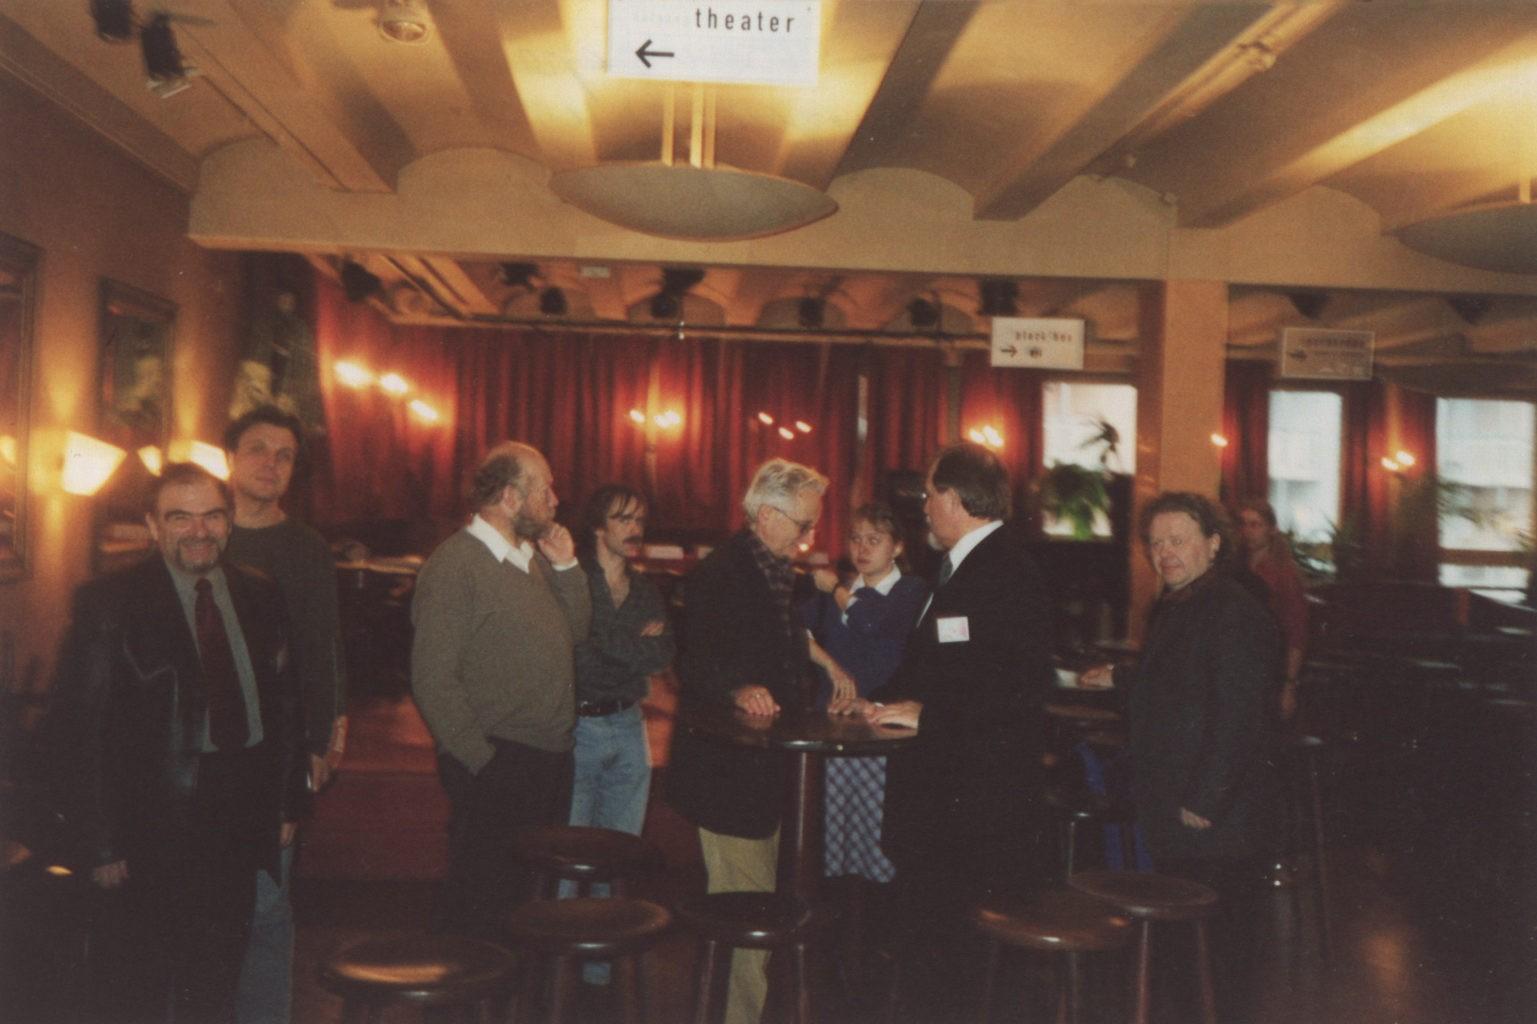 Музыкальный театр Кузбасса на гастролях в г. Нюрнберг со спектаклем «Пиковая дама», перед пресс-конференцией: фотография